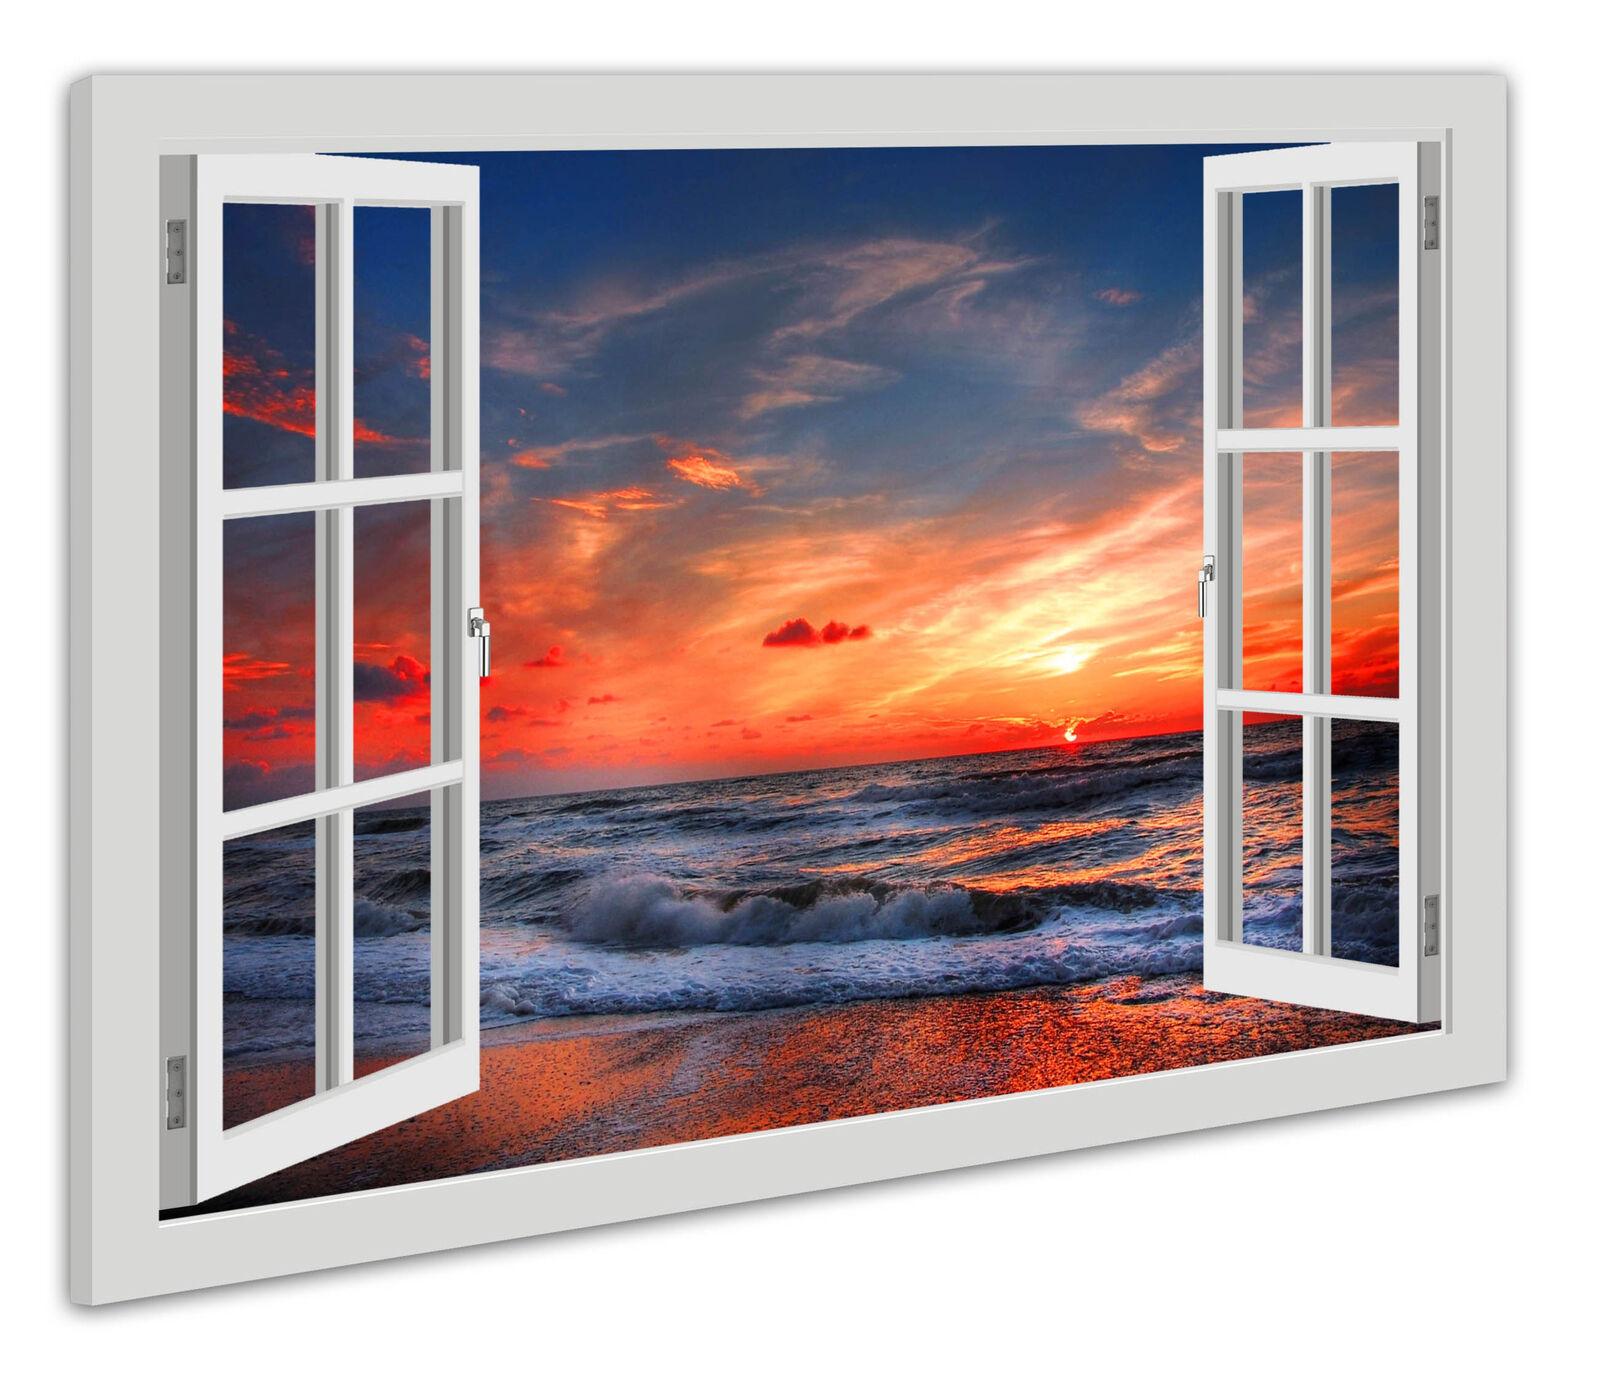 Tela parete finestra immagine immagine immagine sguardo SPIAGGIA MARE DEL NORD TRAMONTO MARE 2fa1dc